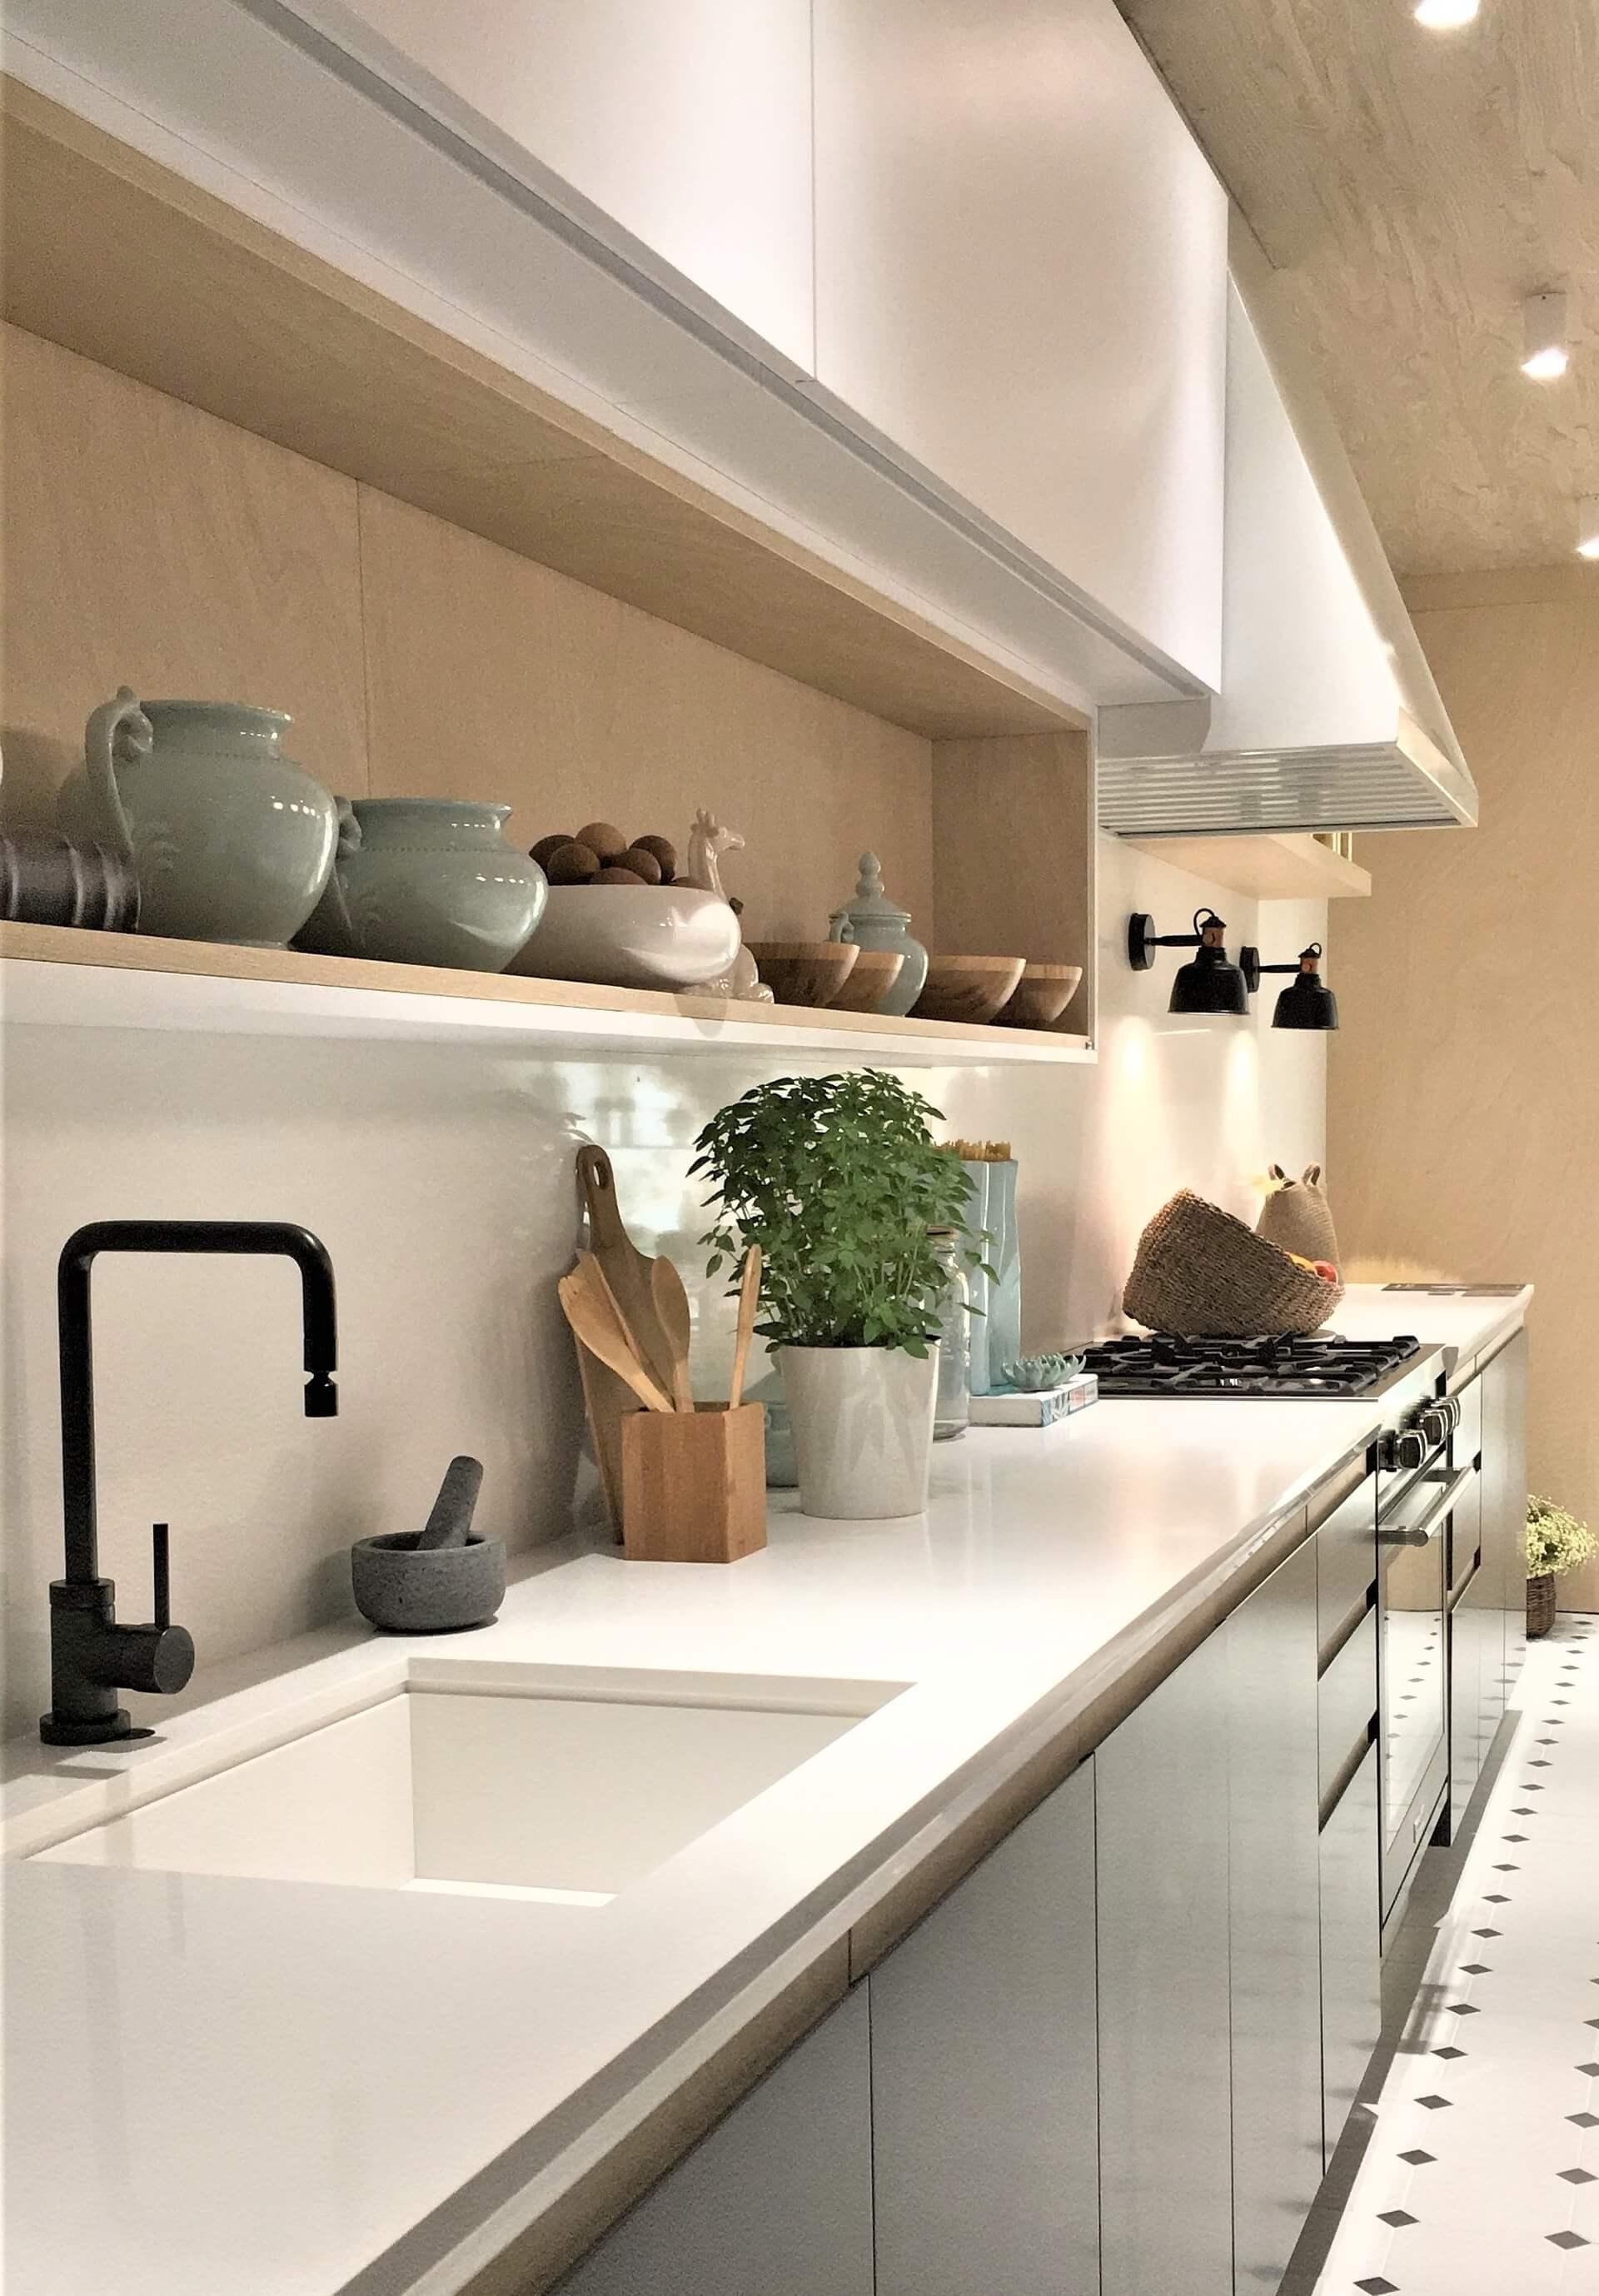 O piso da cozinha é de ladrilhos branco com preto, o que deu um toque retrô. Foto: Arquiteca Projetos.